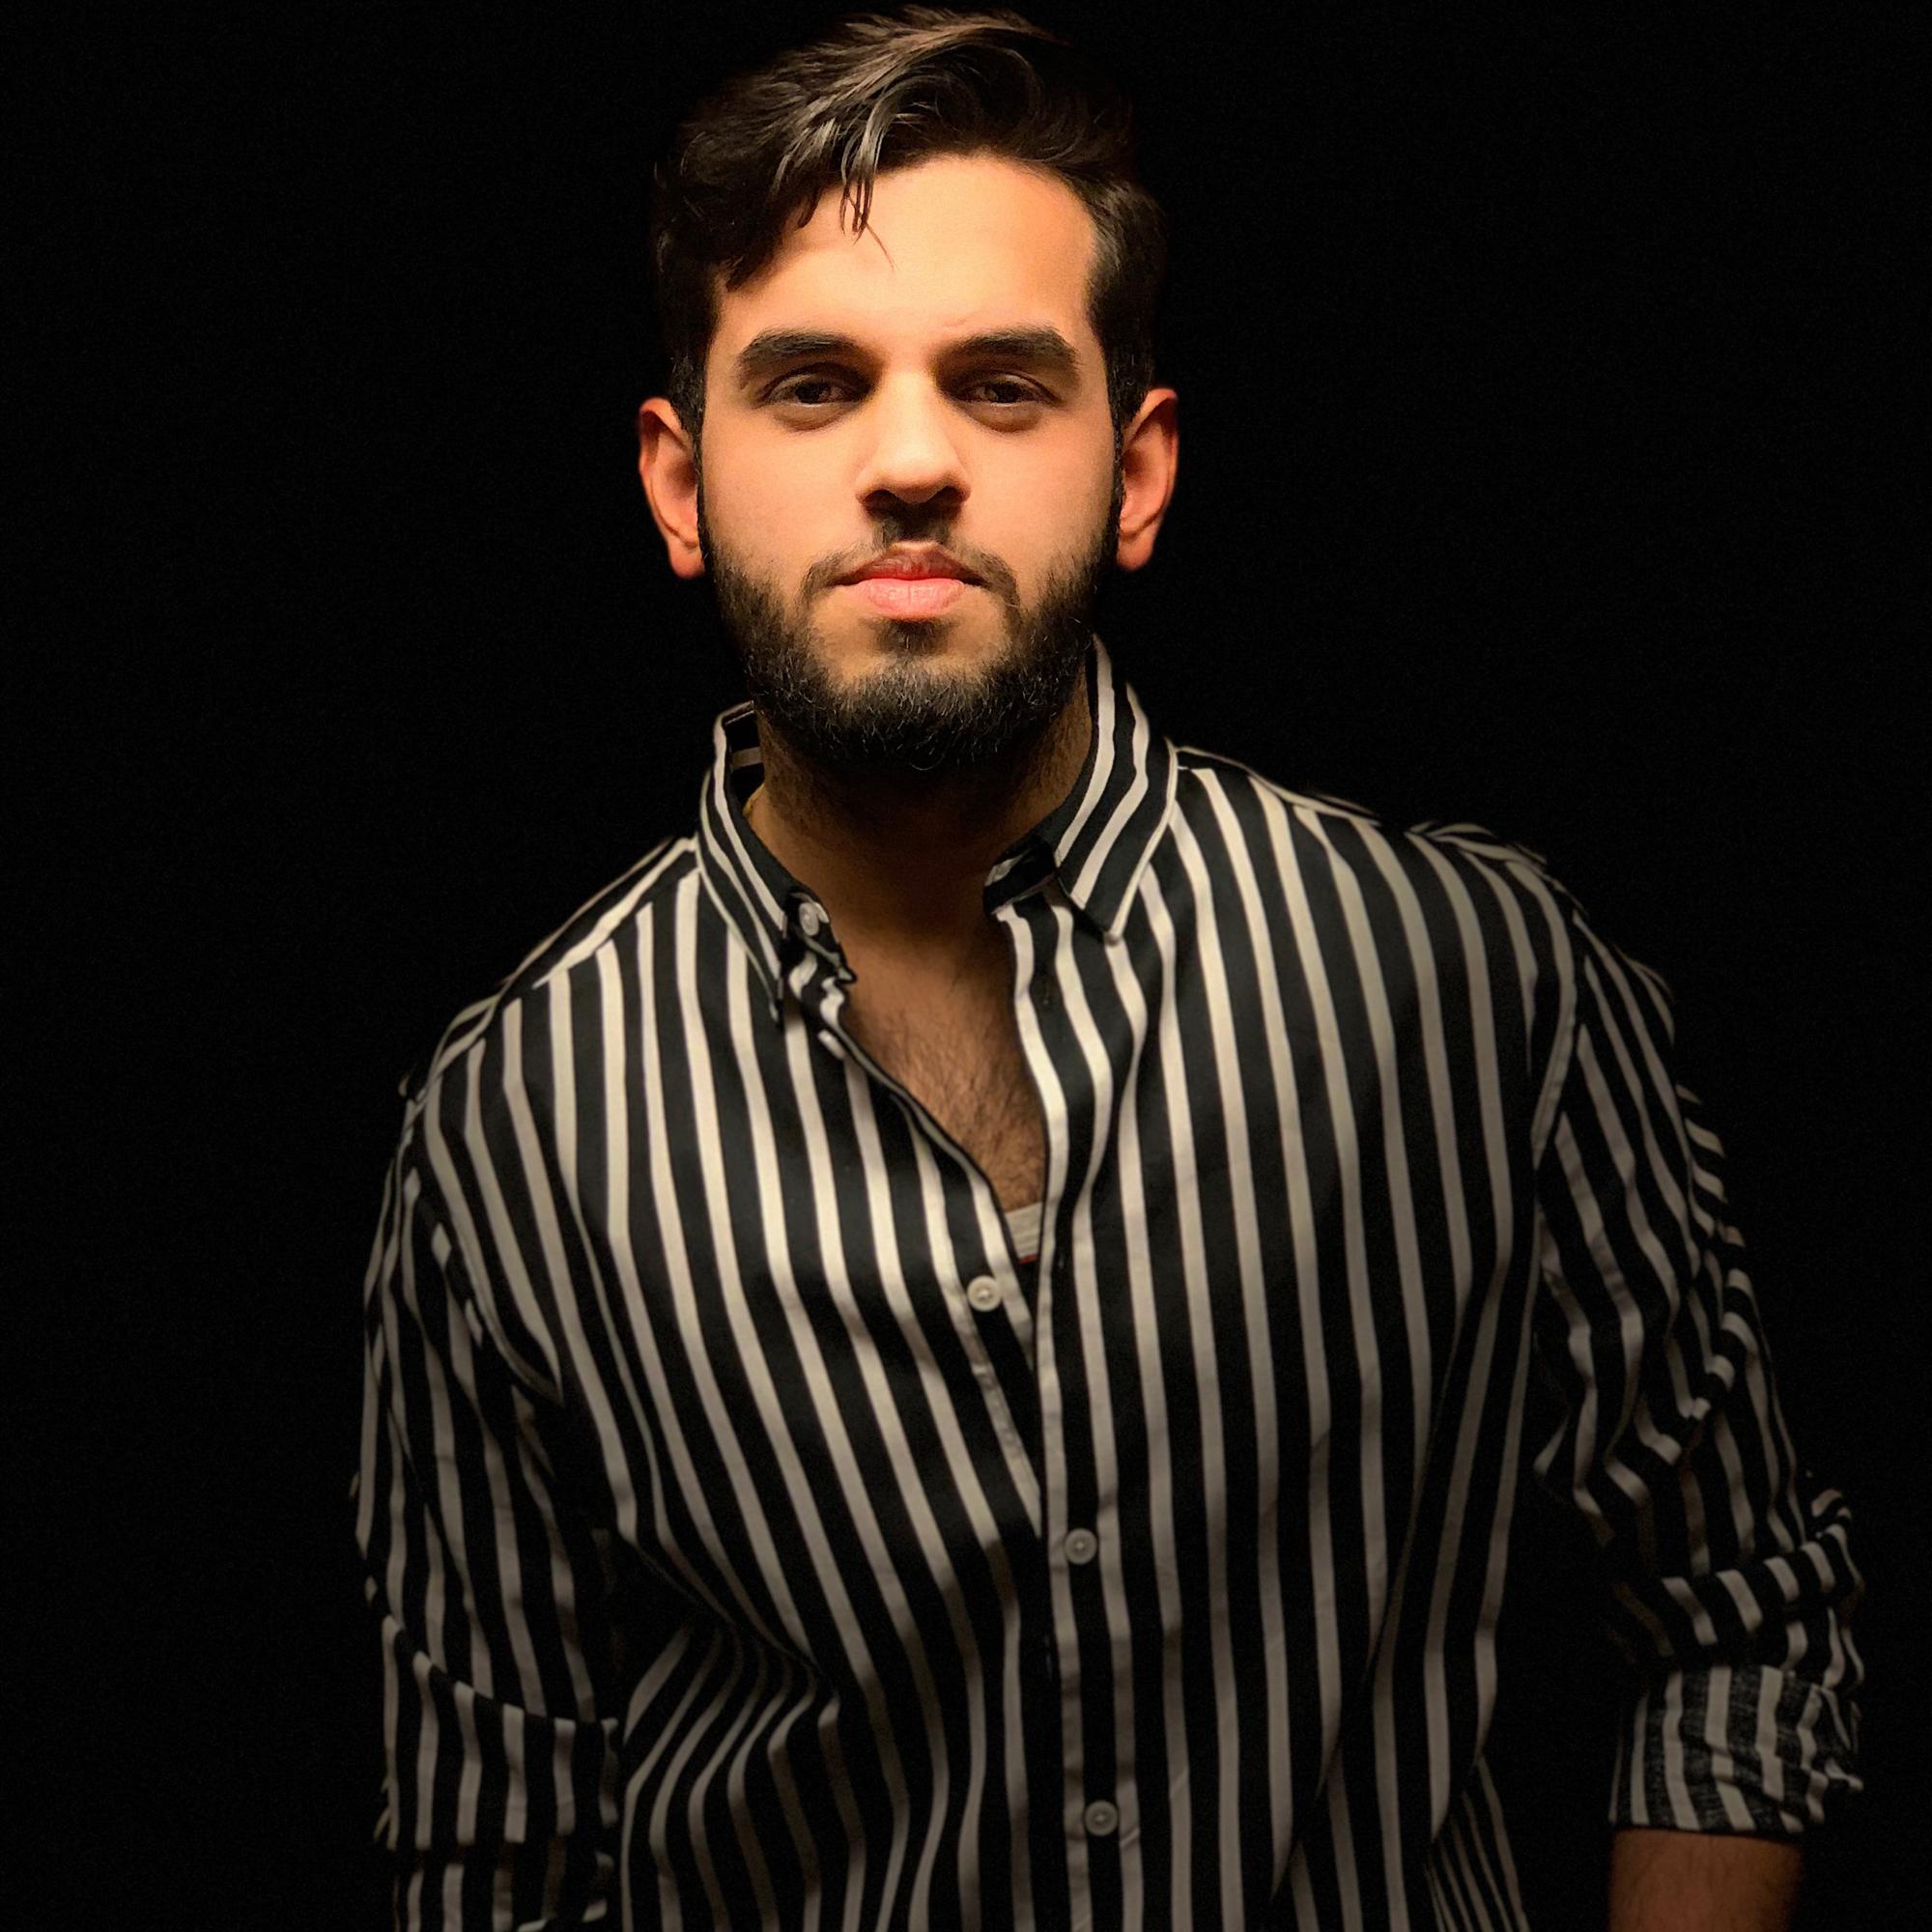 Image of Ayush Laroia